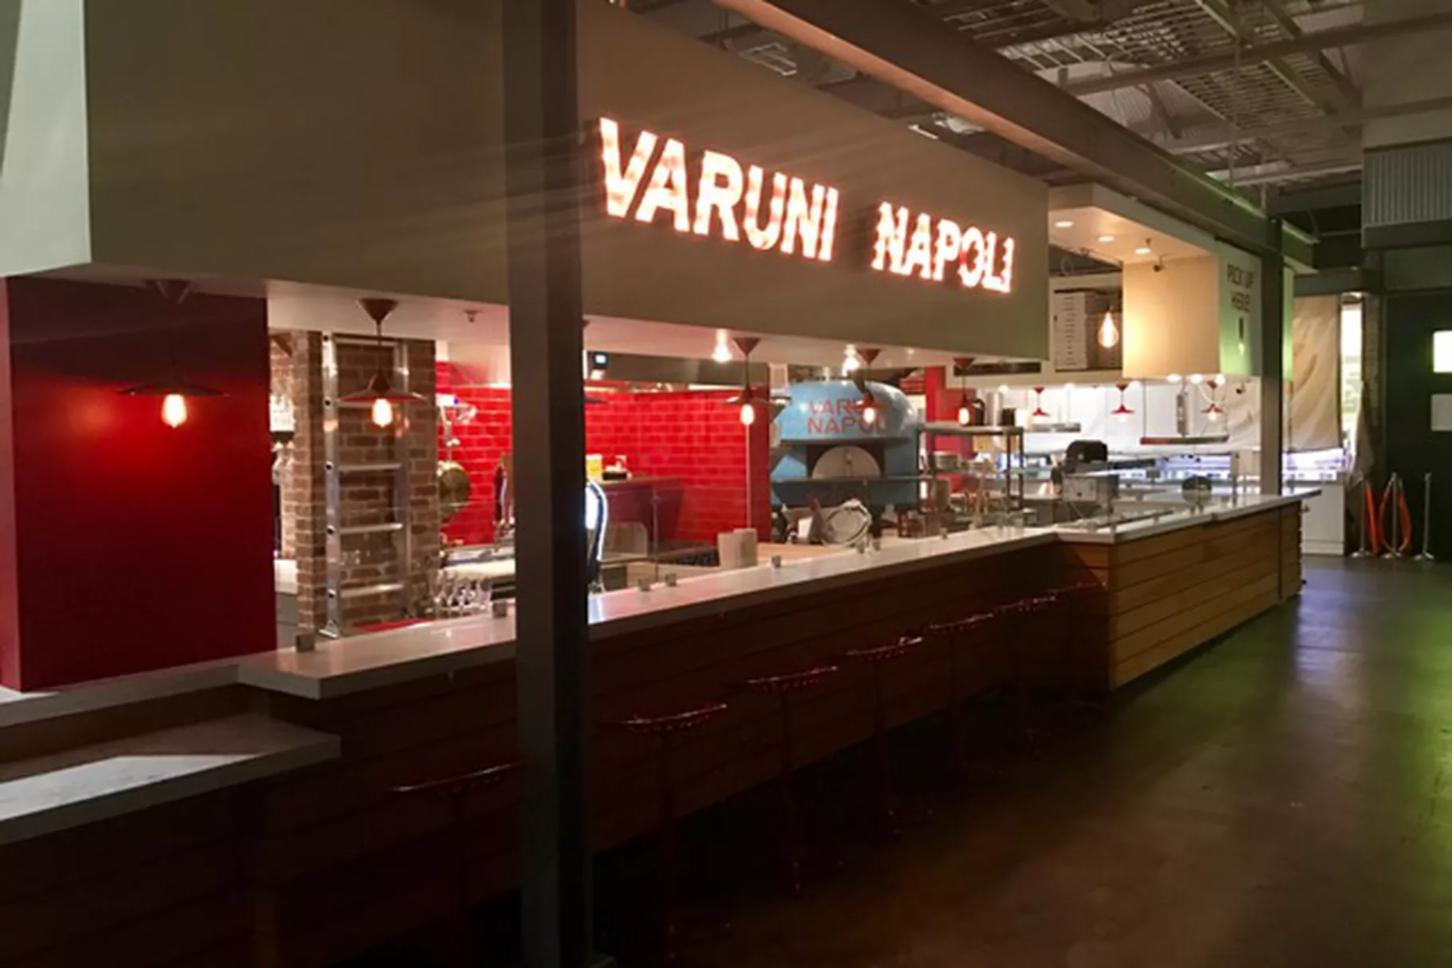 Varuni Napoli Krog Street Market